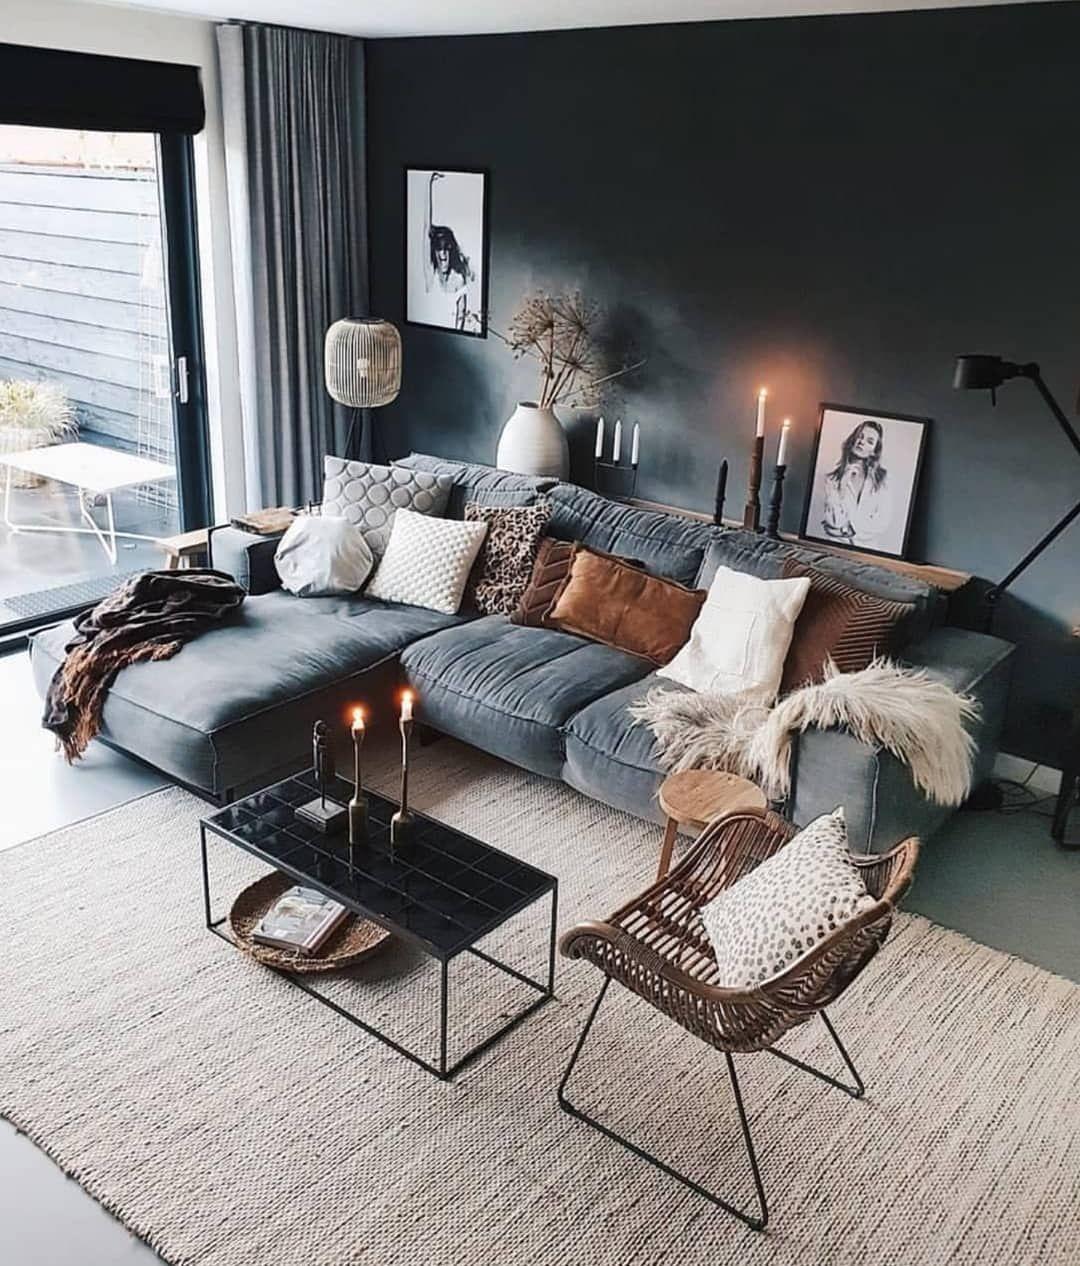 Mein Zimmer ist besser als das Ihre. #artmöbel #möbel #möbeldesign